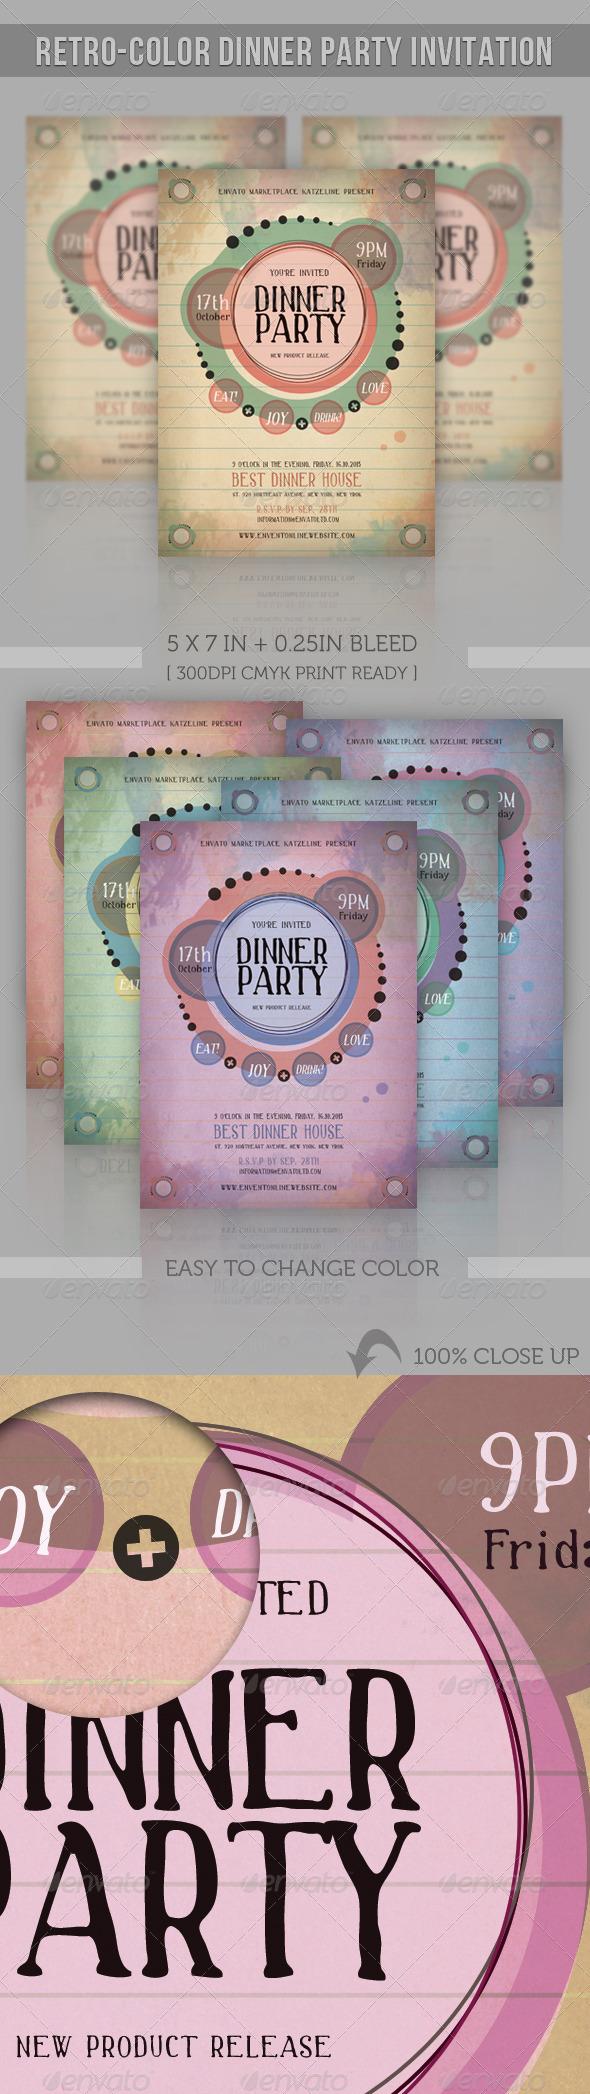 GraphicRiver Retro-Color Dinner Party Invitation 2973191